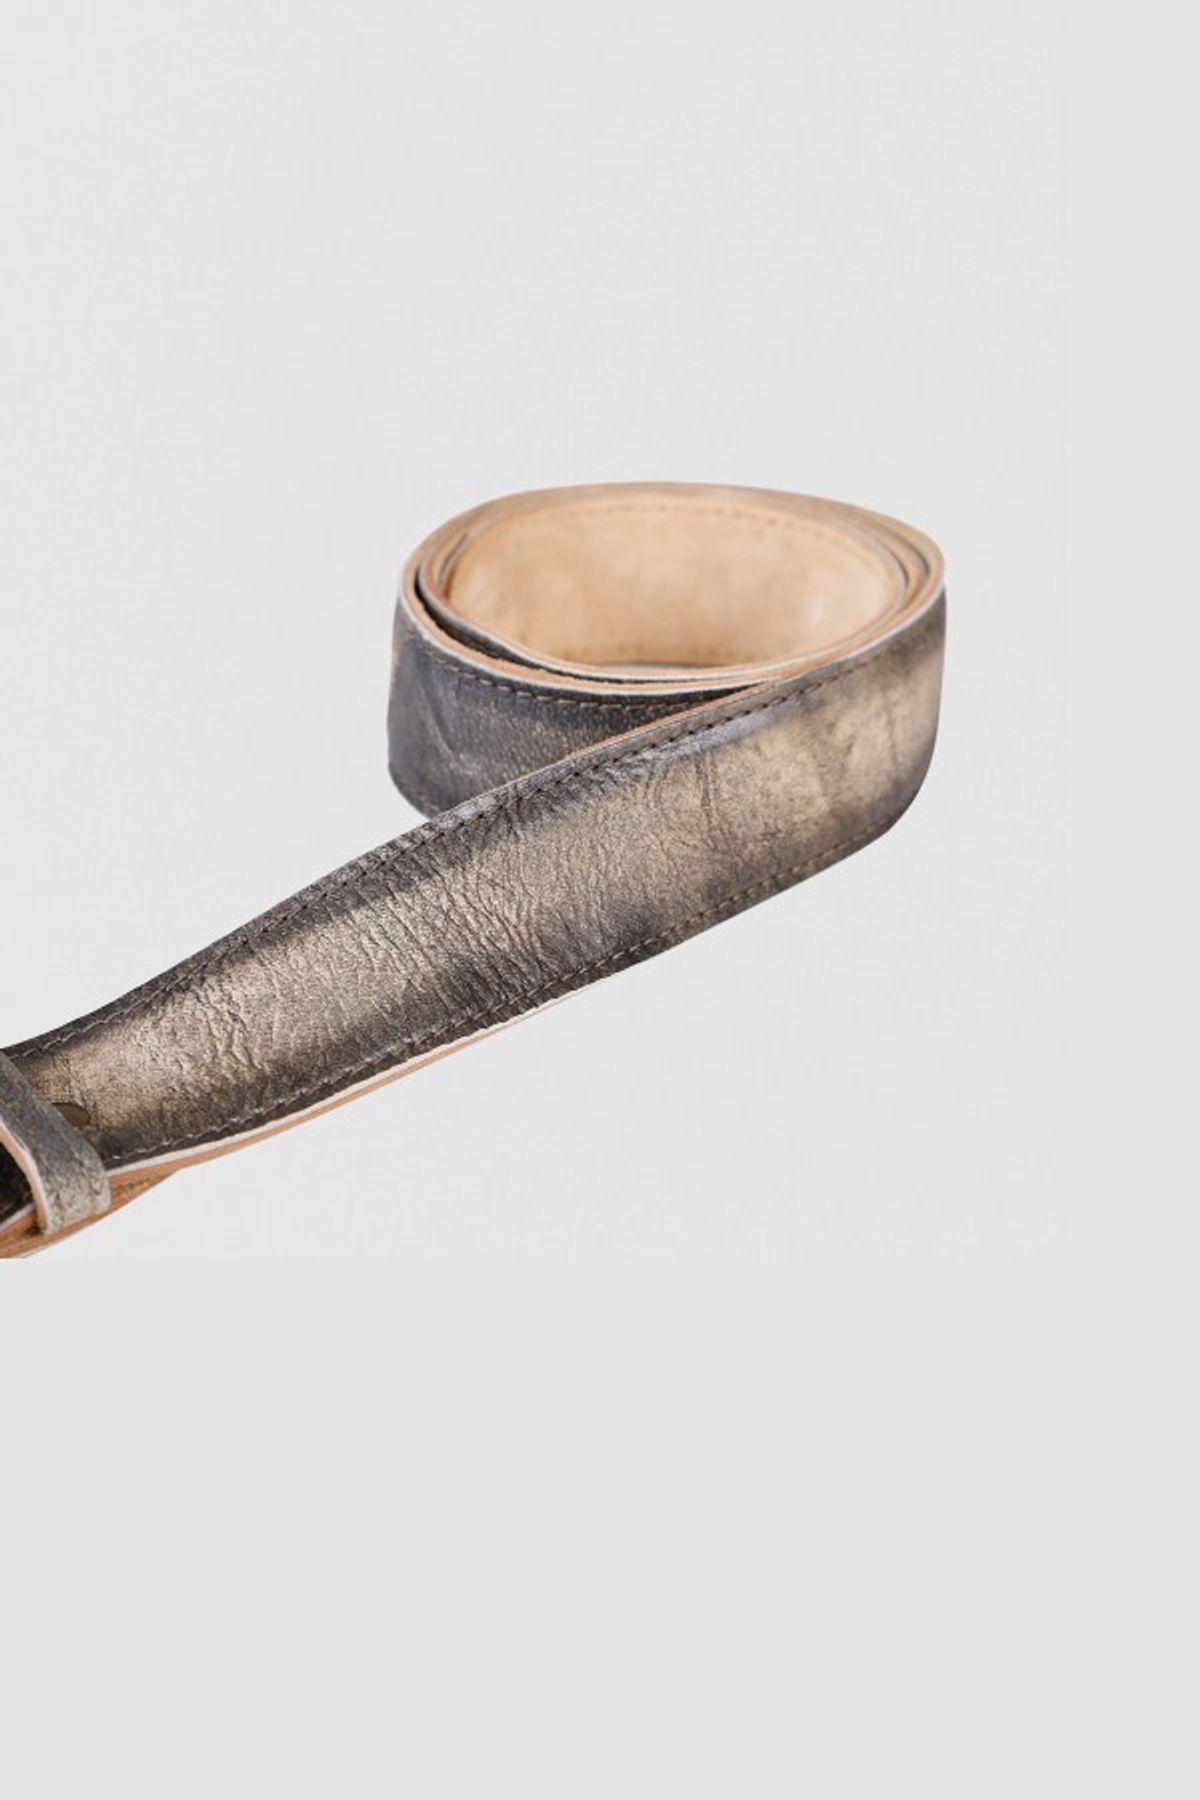 Krüger - Herren Trachtengürtel in Braun, Zwölfender Gold (9930-778) – Bild 3